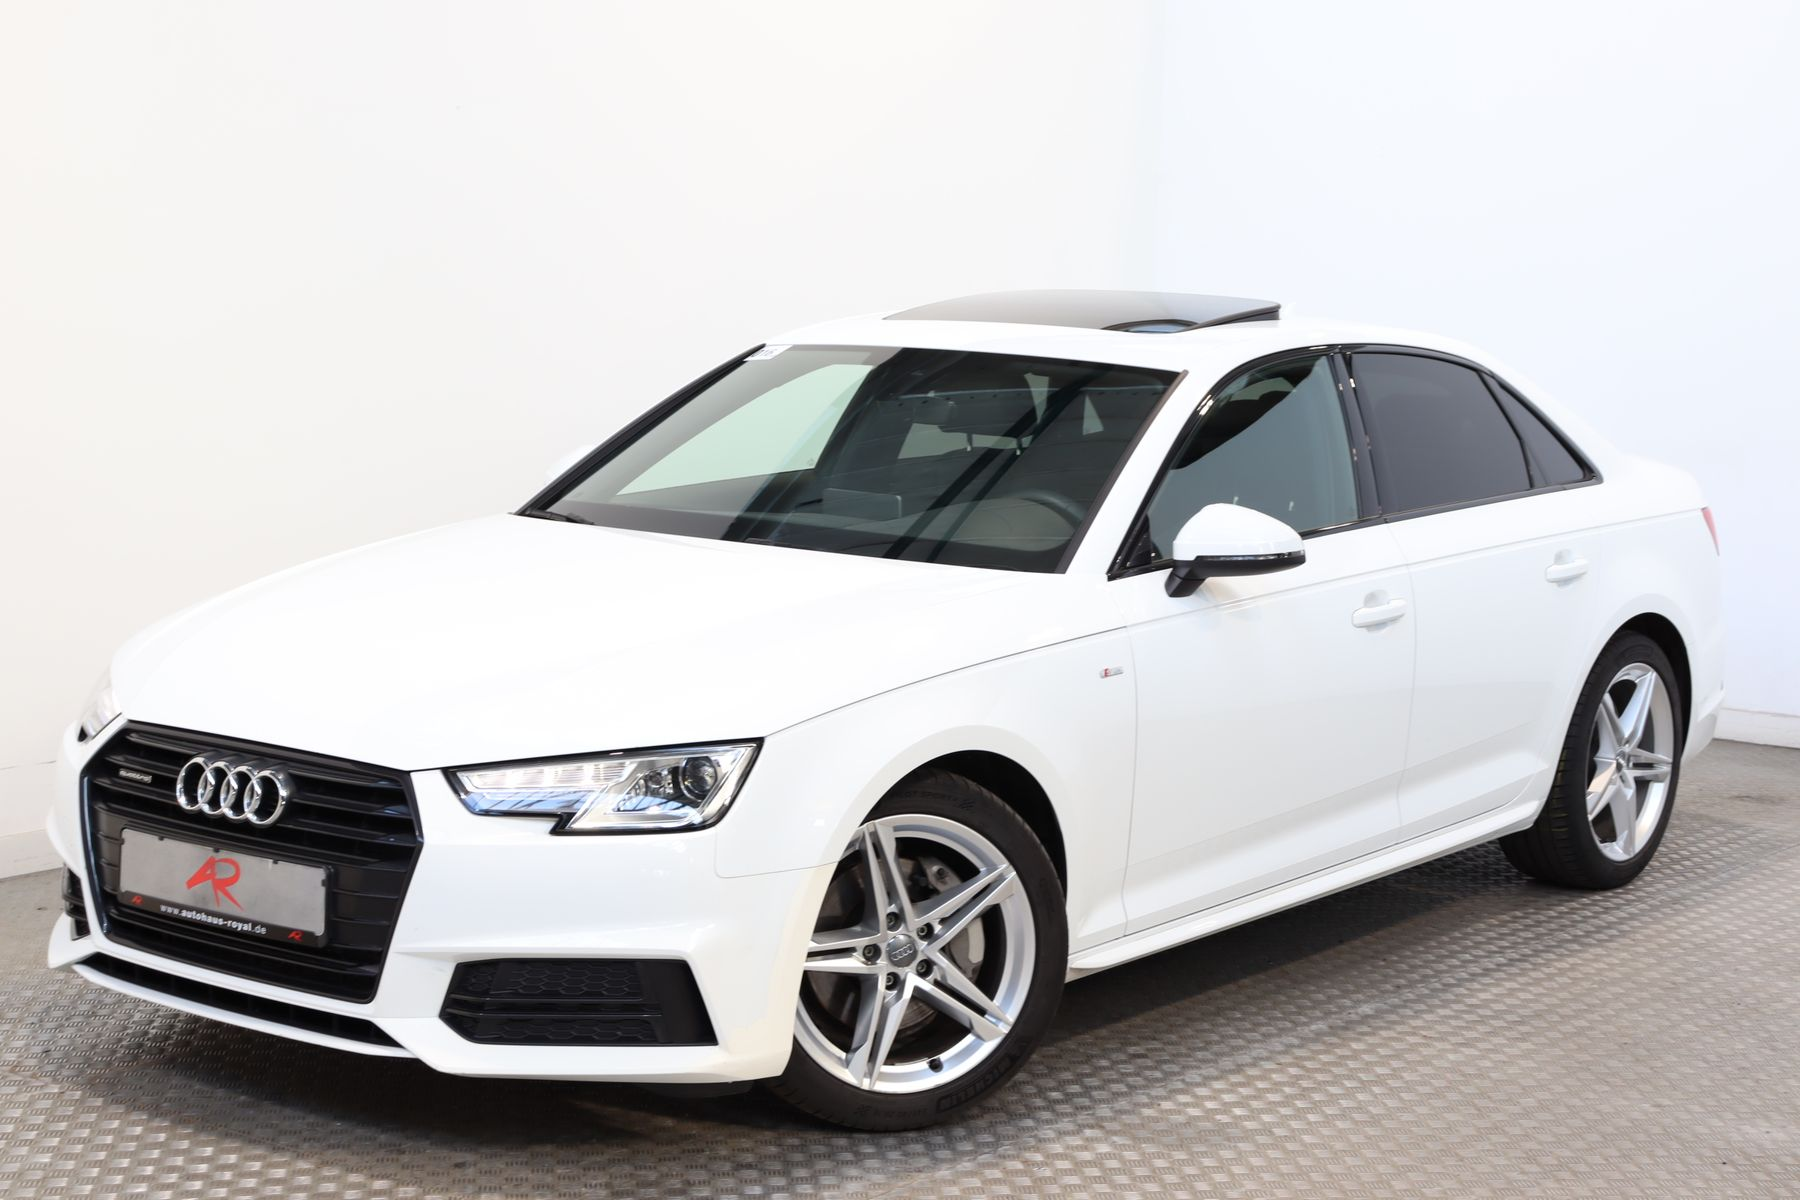 Audi A4 2.0 TDI qu 3x S LINE KEYLESS,SOUNDSYSTEM,AHK, Jahr 2017, Diesel